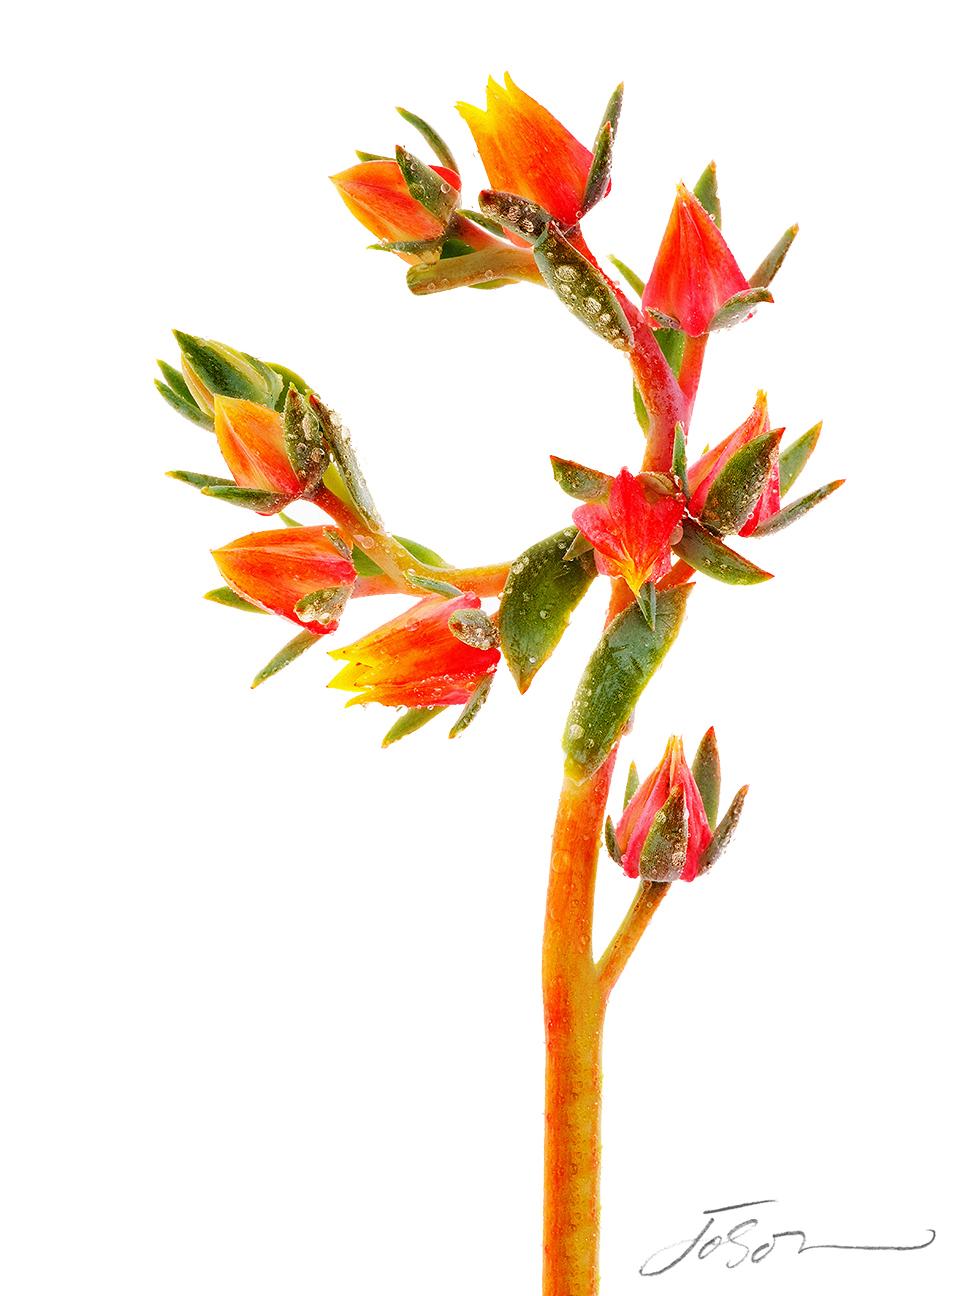 Succulent (Echeveria)